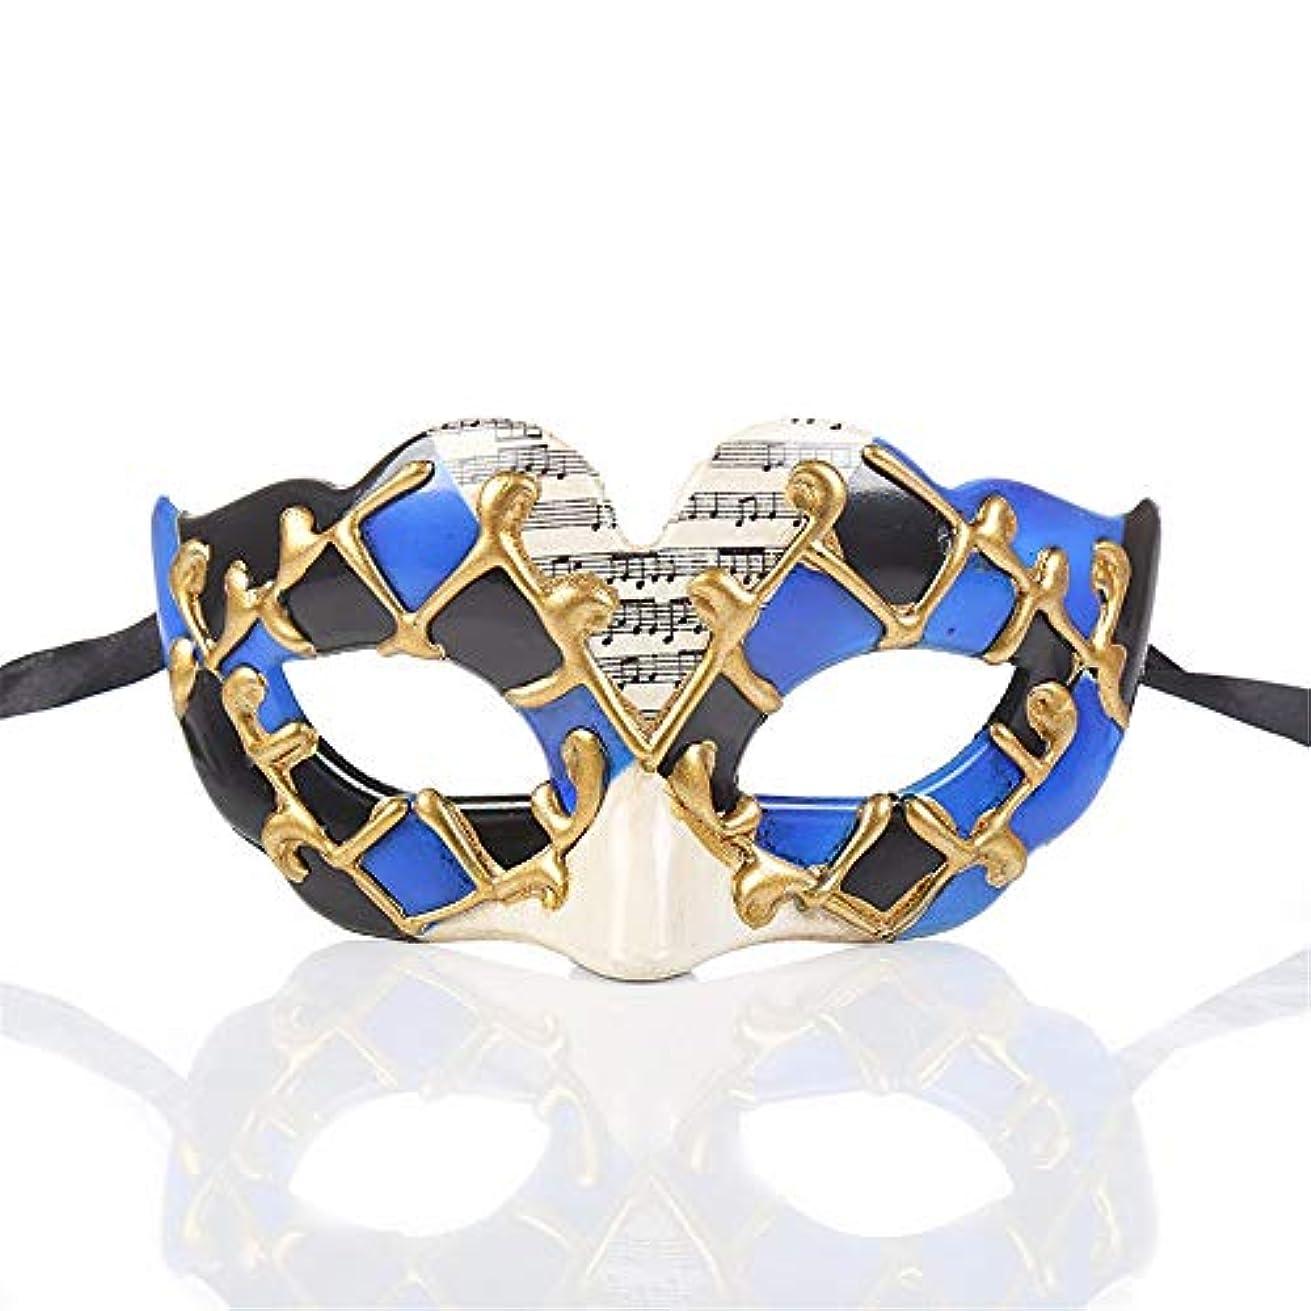 ダンスマスク パーティーCospalyマスクハロウィーンマスカレードデコレーションマスクフェスティバルプラスチックマスク ホリデーパーティー用品 (色 : 青, サイズ : 14.5x7.5cm)